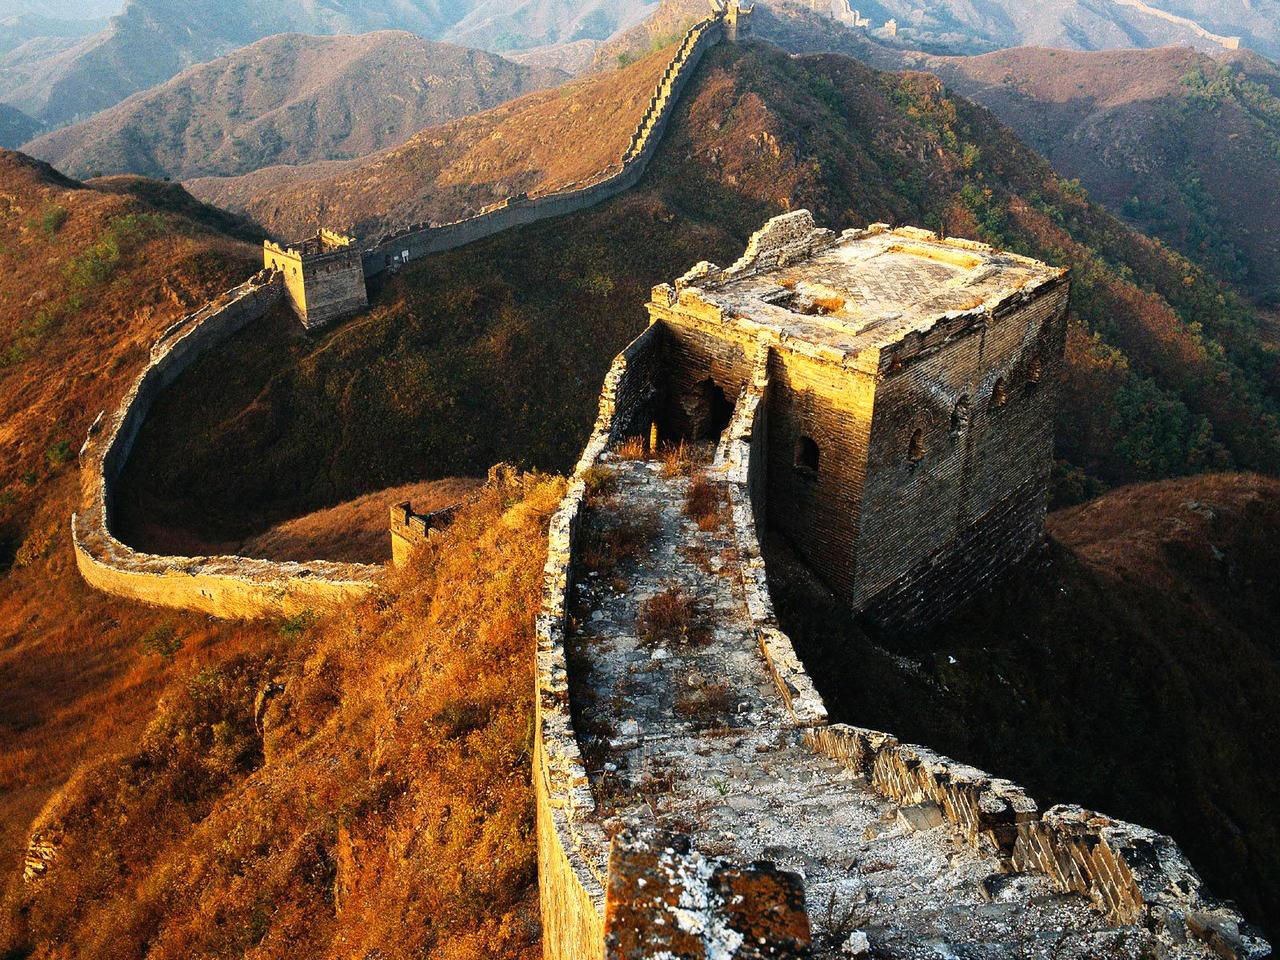 Muraille de Chine de Gubeikou